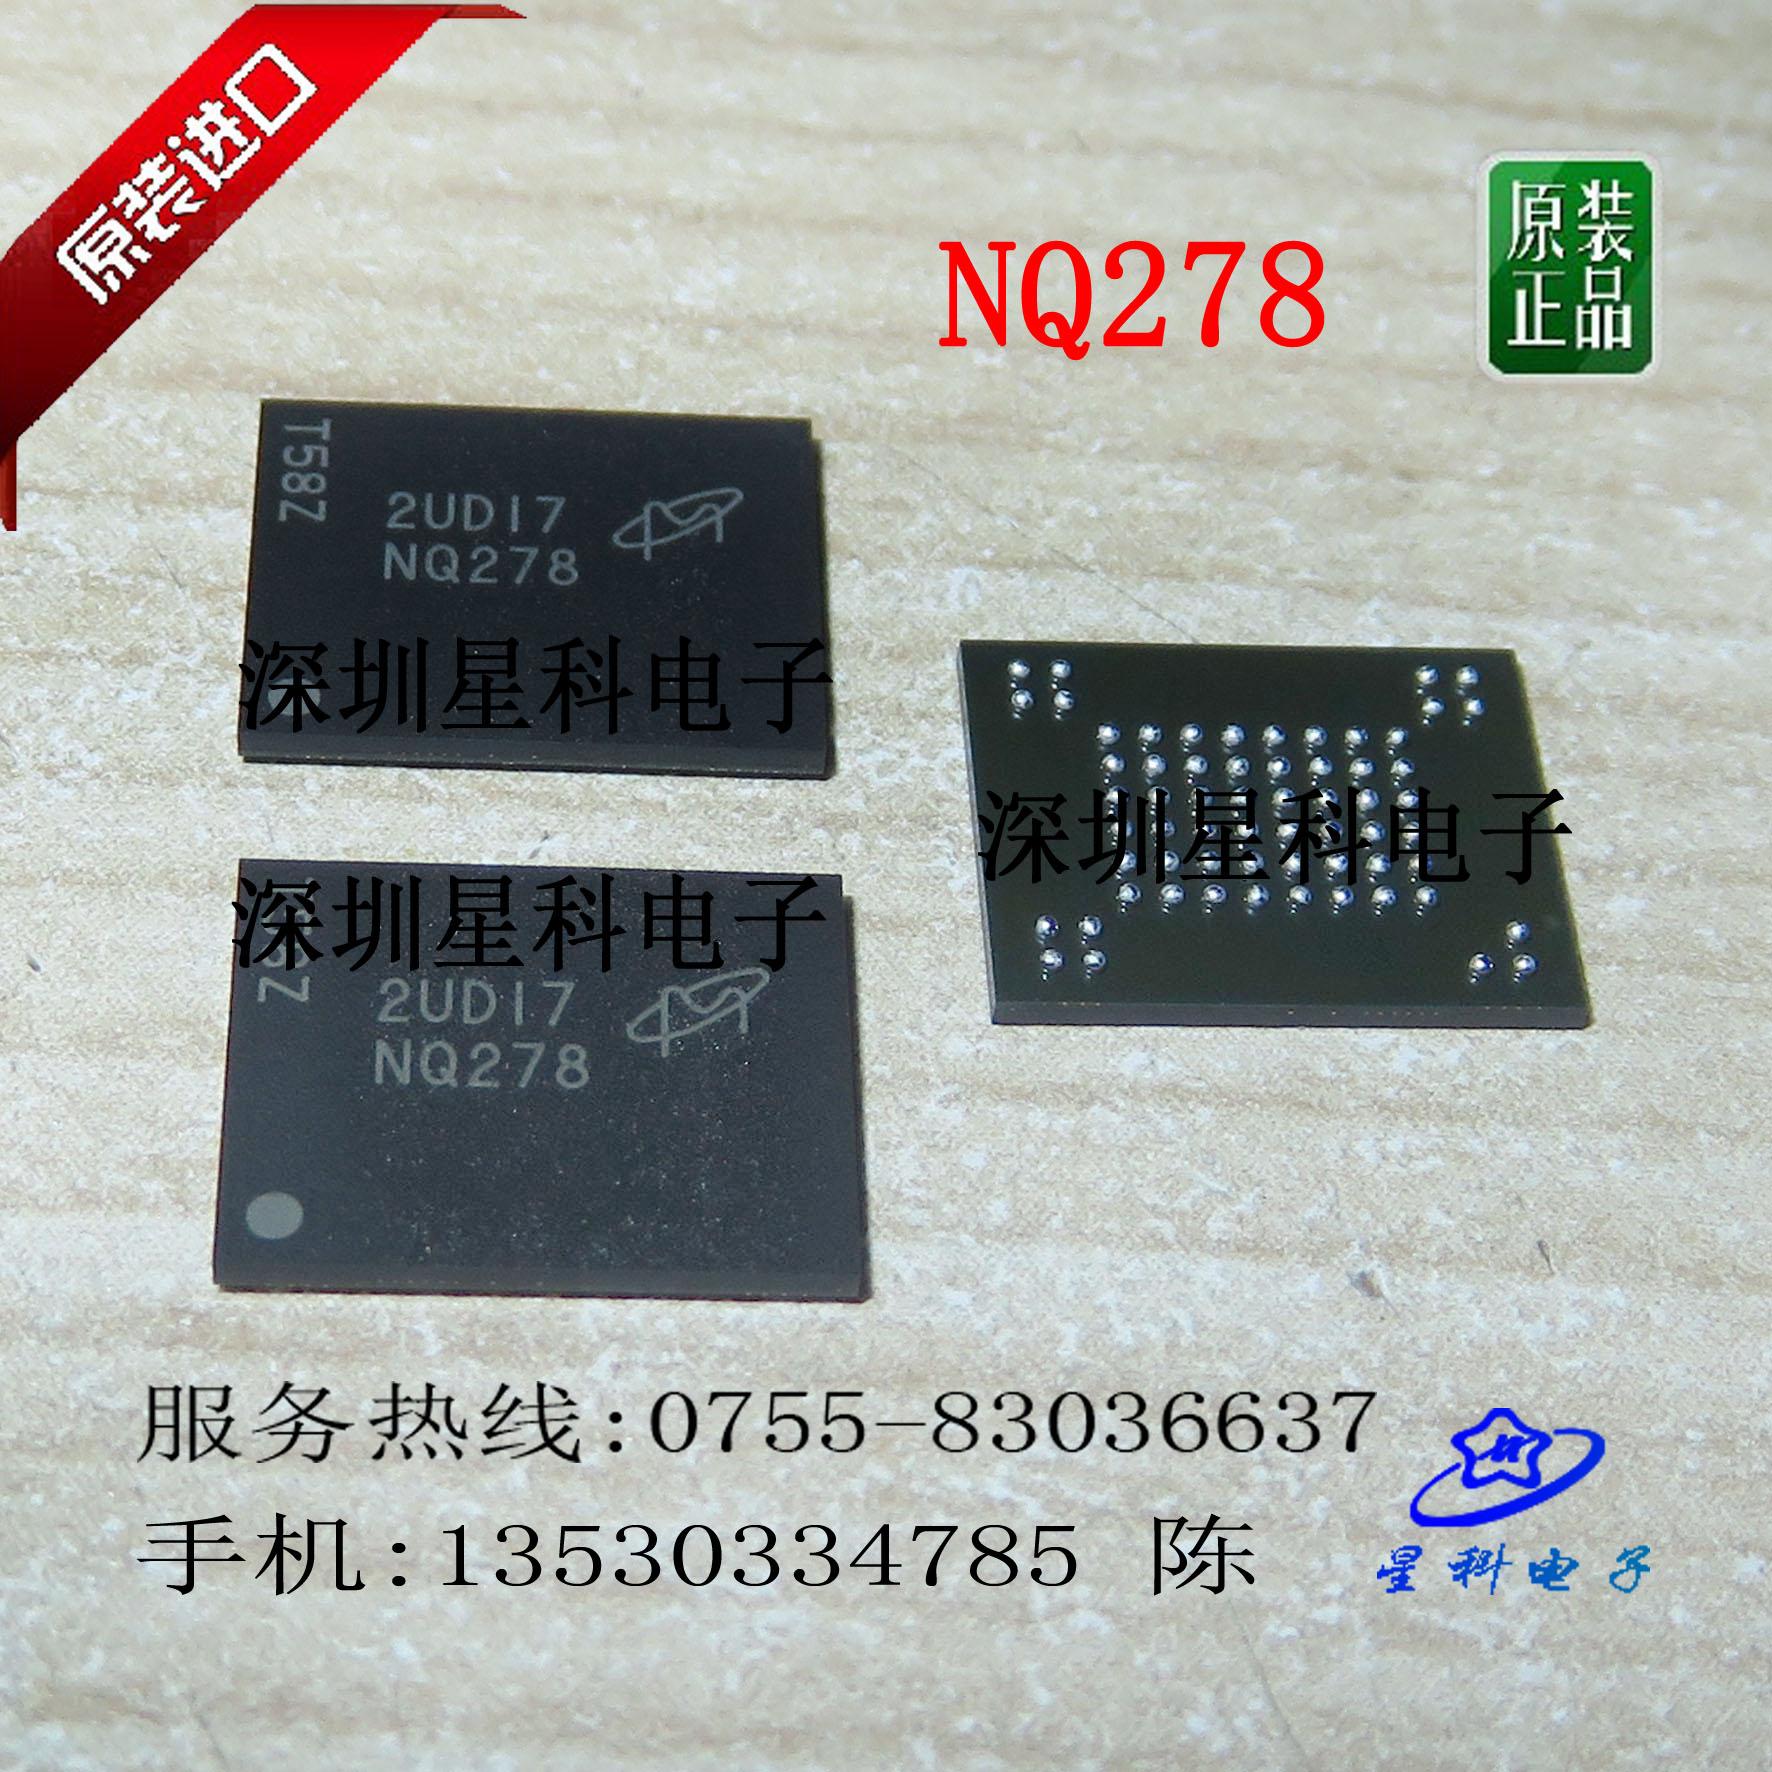 10PCS  NQ278 MT29F1G08ABBDA  ATIC39-B4 A2C08350  MC14066BCP  W9425G6JH-5 RTD2957M  SII9233ACTU